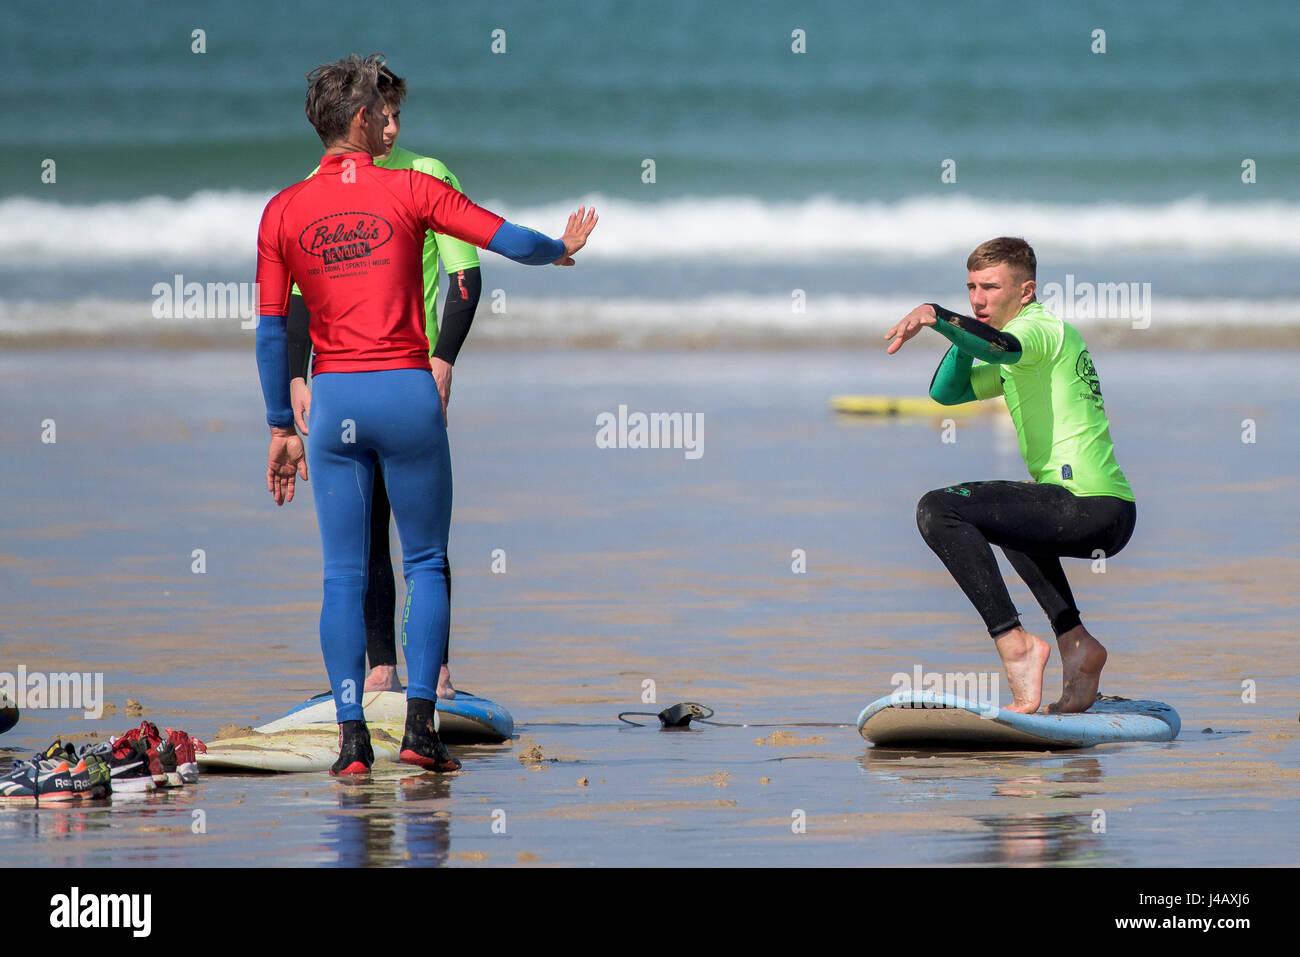 Una escuela de surf instructor de novicios Newquay Cornwall Surf Surfer alumnos Aprender Coaching Docencia instruyendo Imagen De Stock